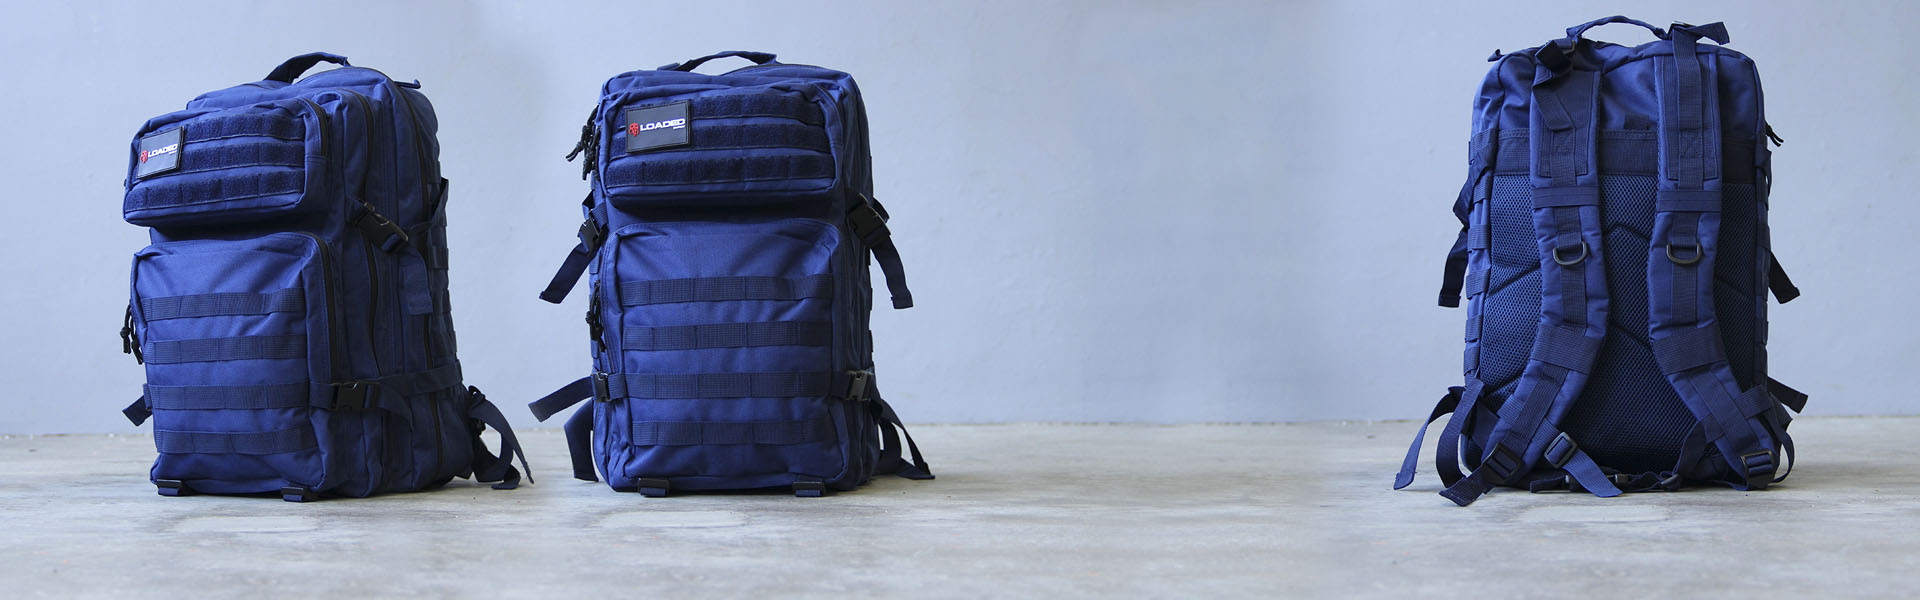 index 2019 backpack.jpg